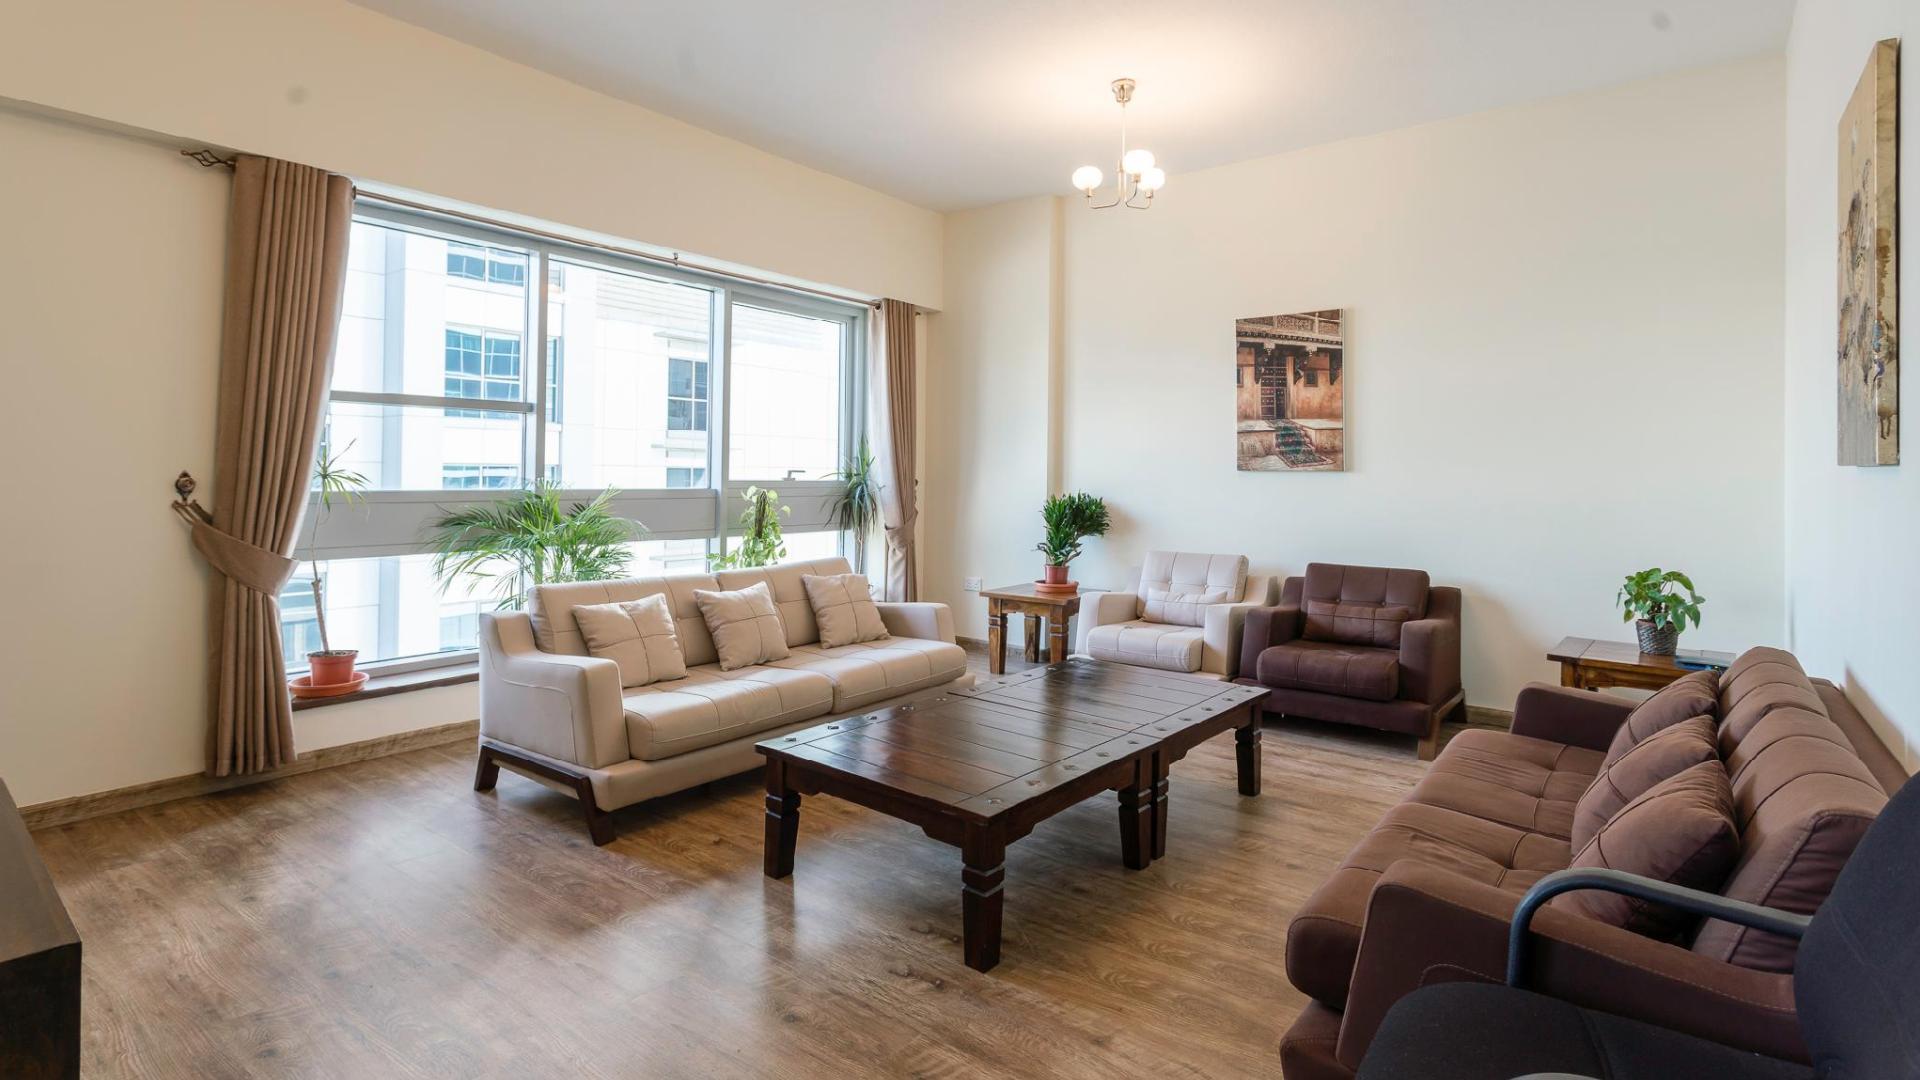 Dúplex en venta en Dubai, EAU, 5 dormitorios, 452 m2, № 24348 – foto 1